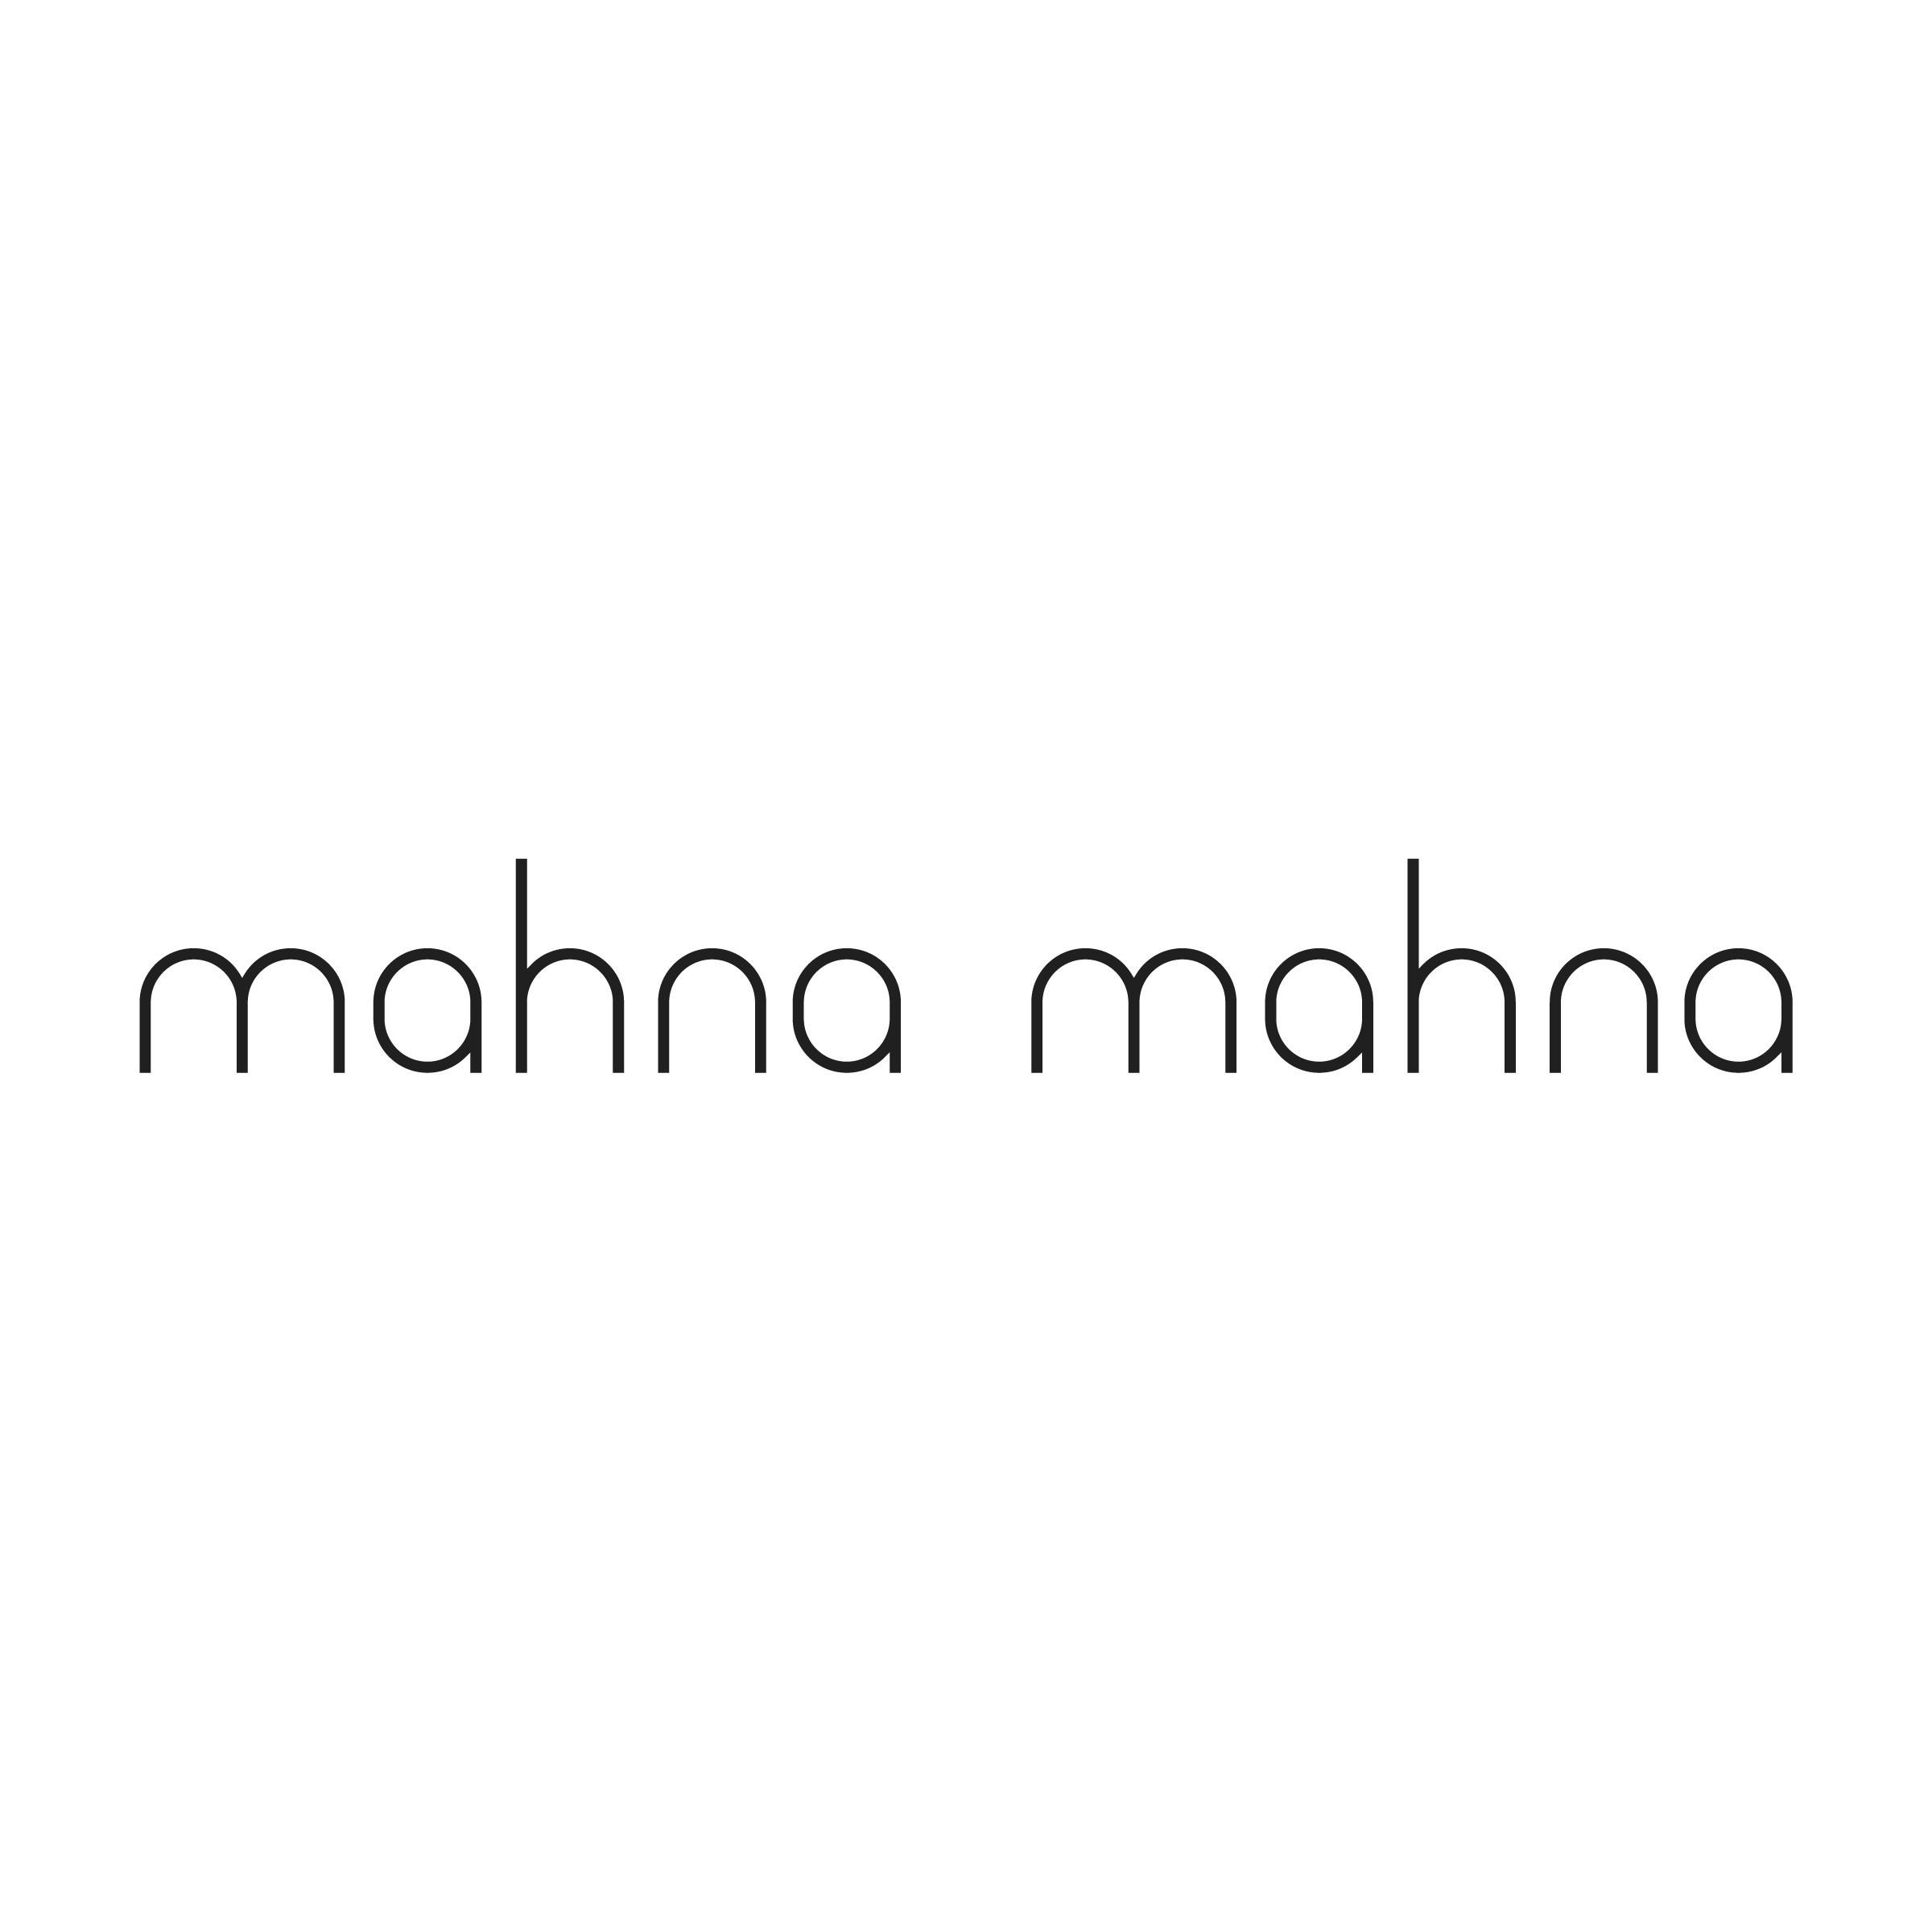 株式会社マナマナのロゴ写真